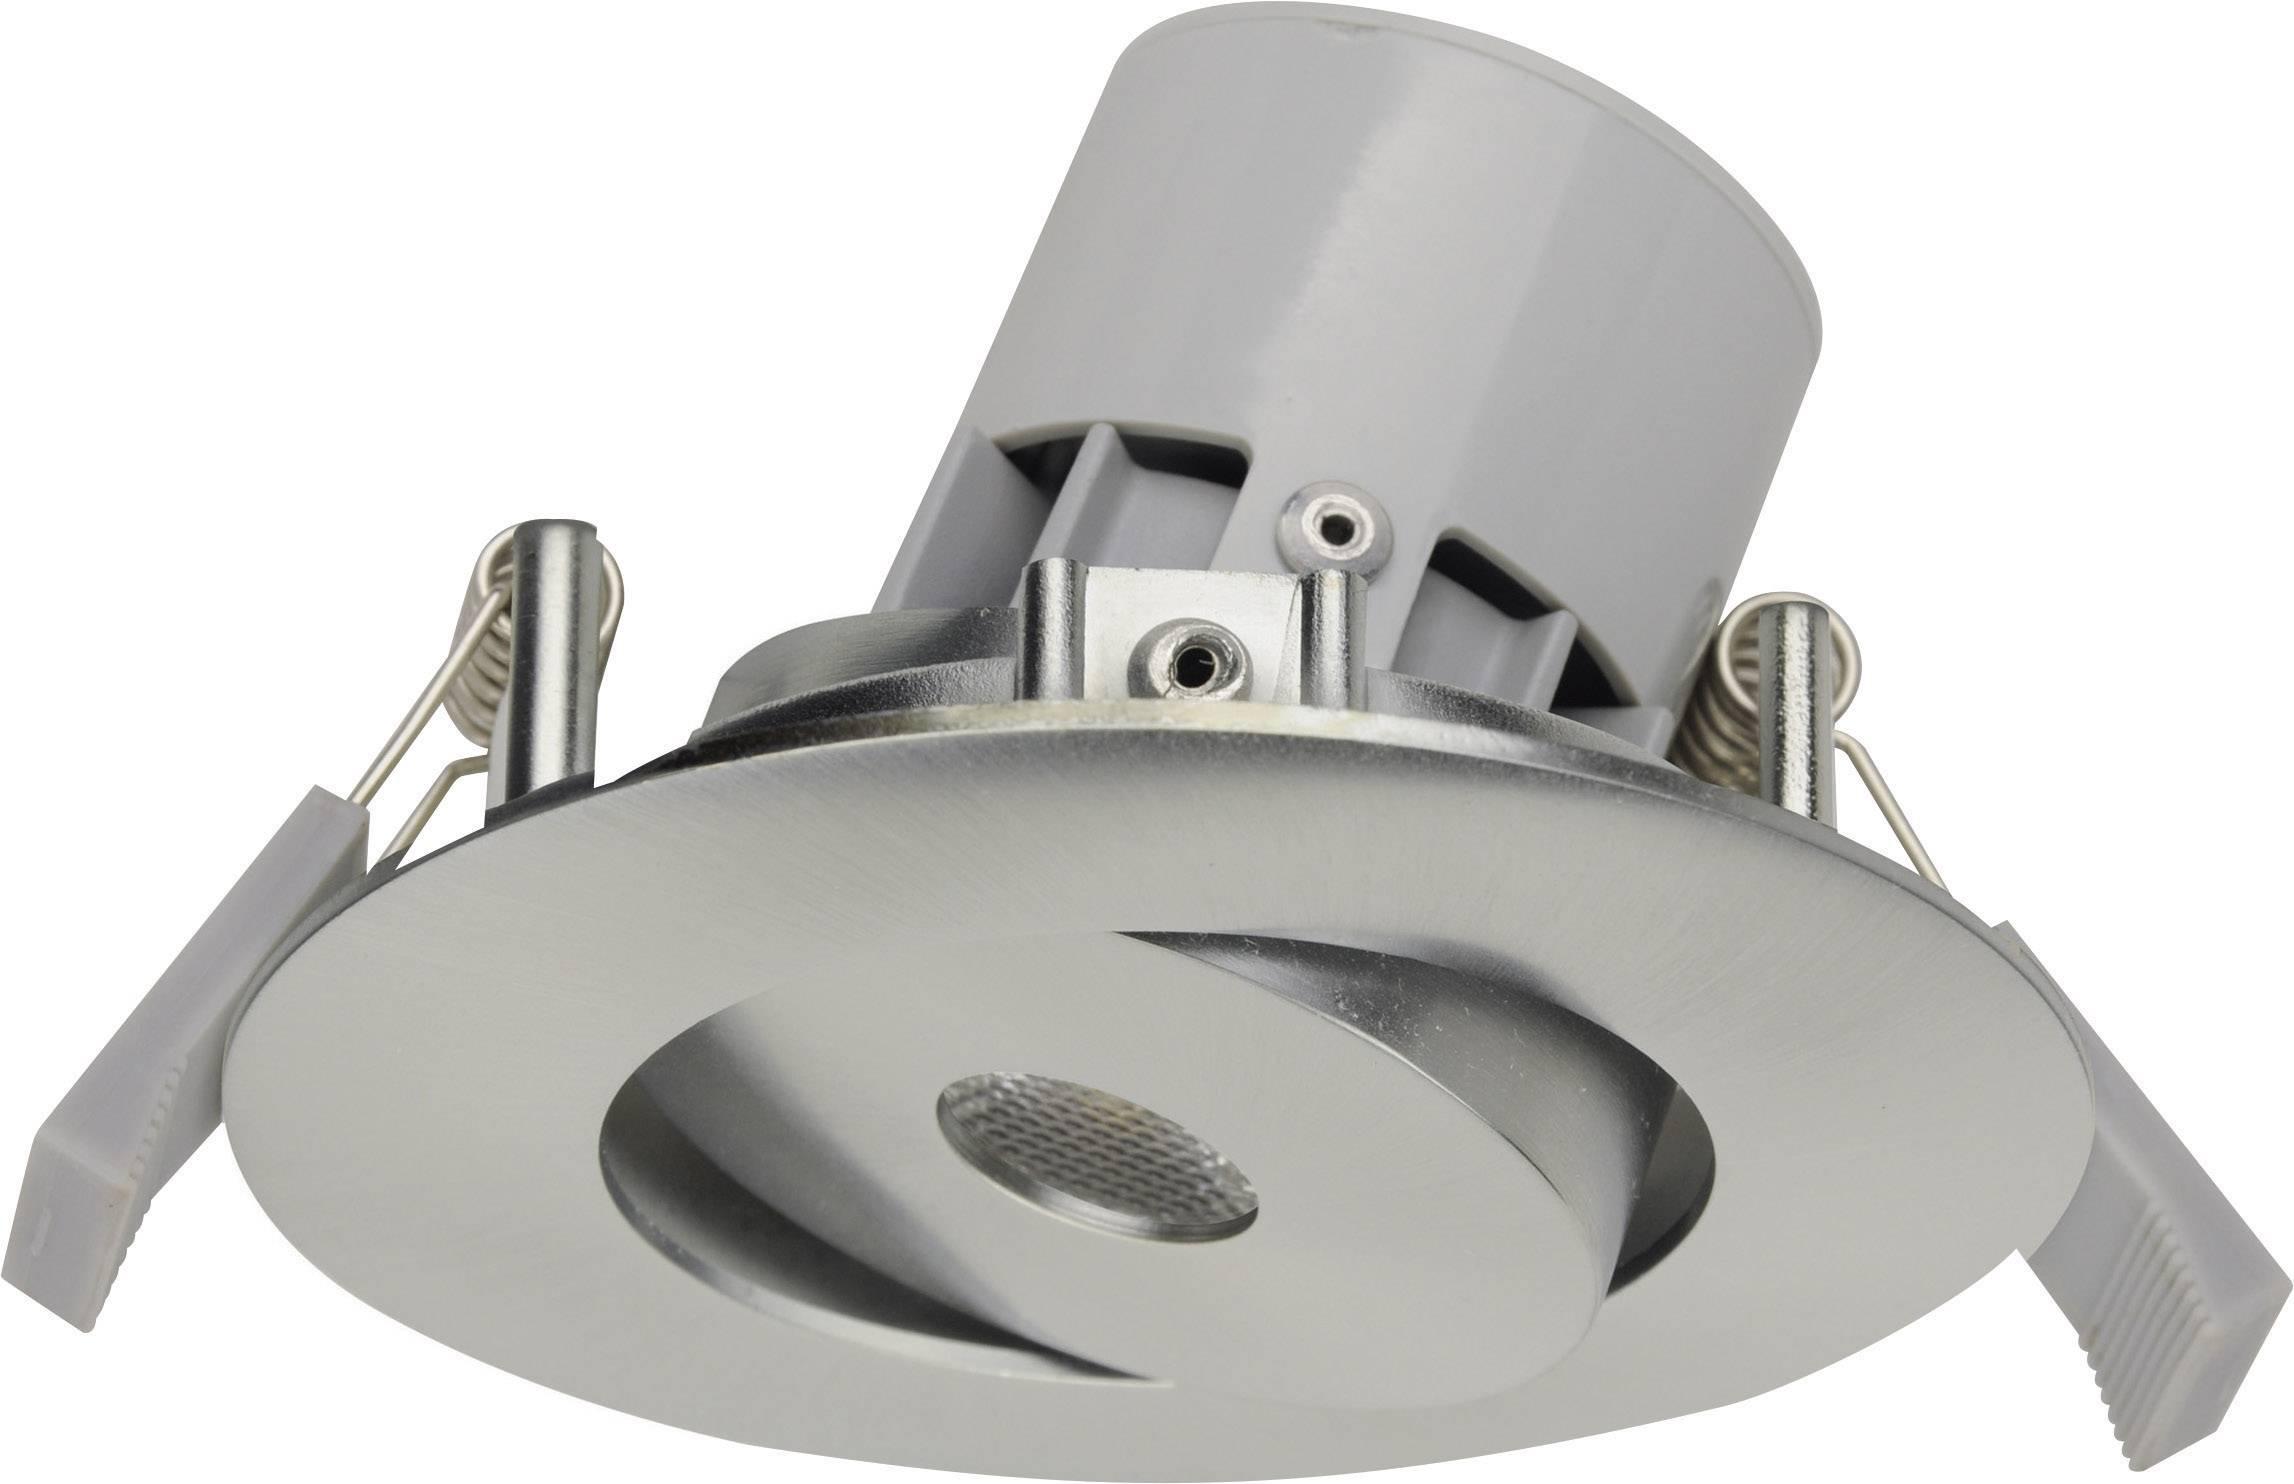 LED vstavané svetlo JEDI Lighting Integra JE12617, 7 W, teplá biela, hliník (kartáčovaný)